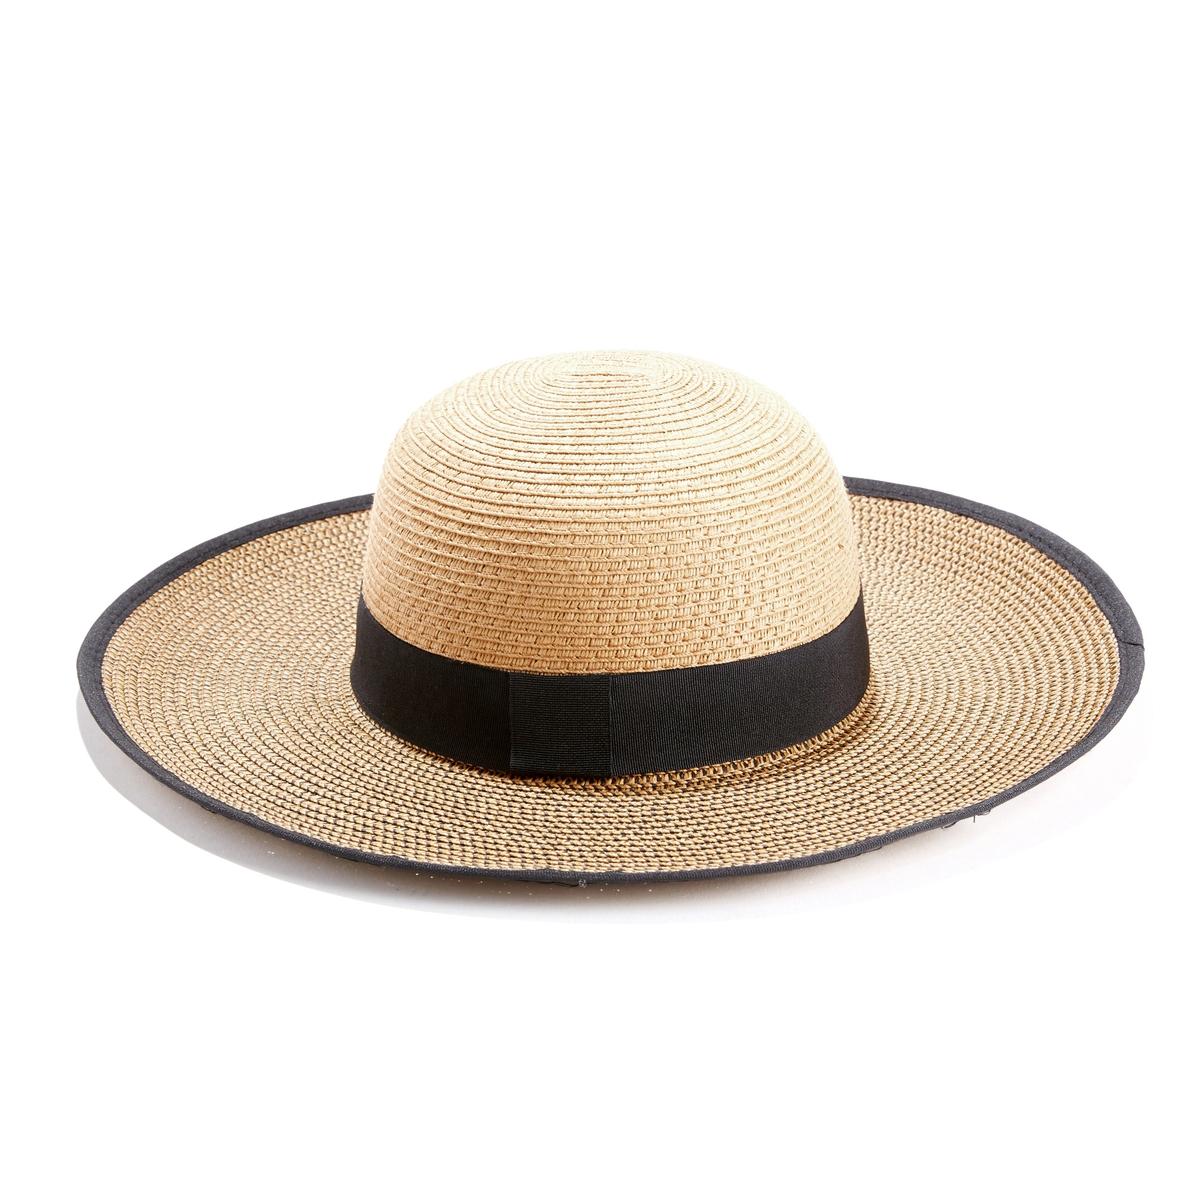 Шляпа из соломыОписание:Великолепная соломенная шляпа с разными оттенками и красивой лентой : наденьте ее с приходом первых теплых деньков !Состав и описание : Шляпа с широкими полами в этническом стилеМатериал : солома, бумагаОбхват головы 56 см<br><br>Цвет: песочный